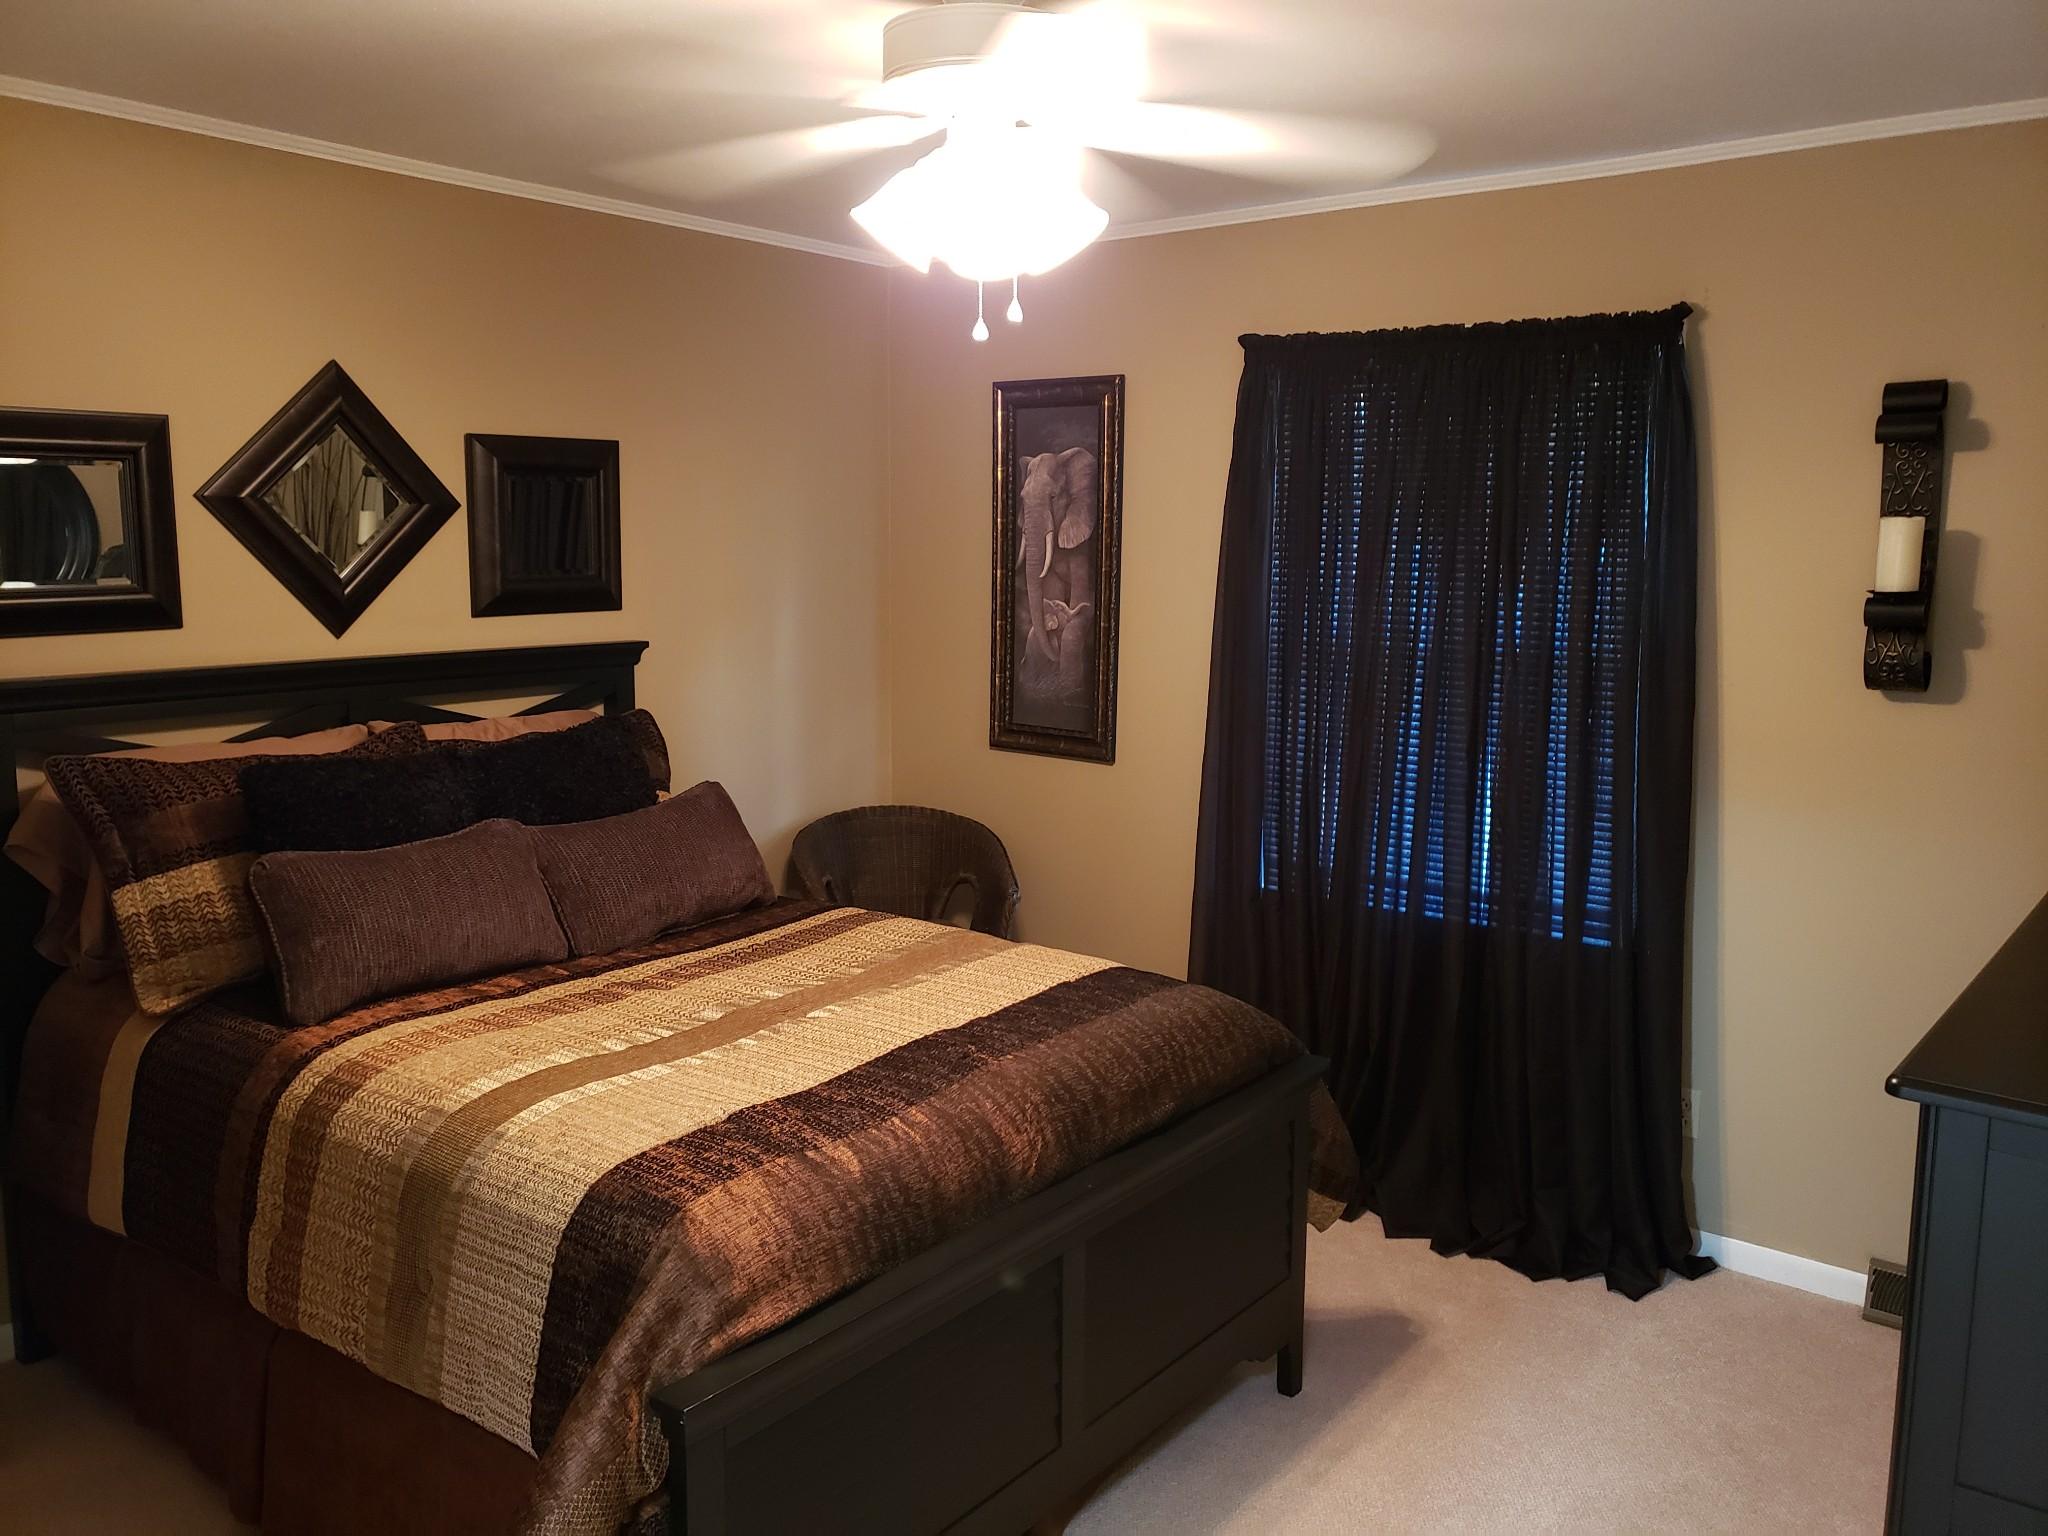 505 Kindel Dr Property Photo 8